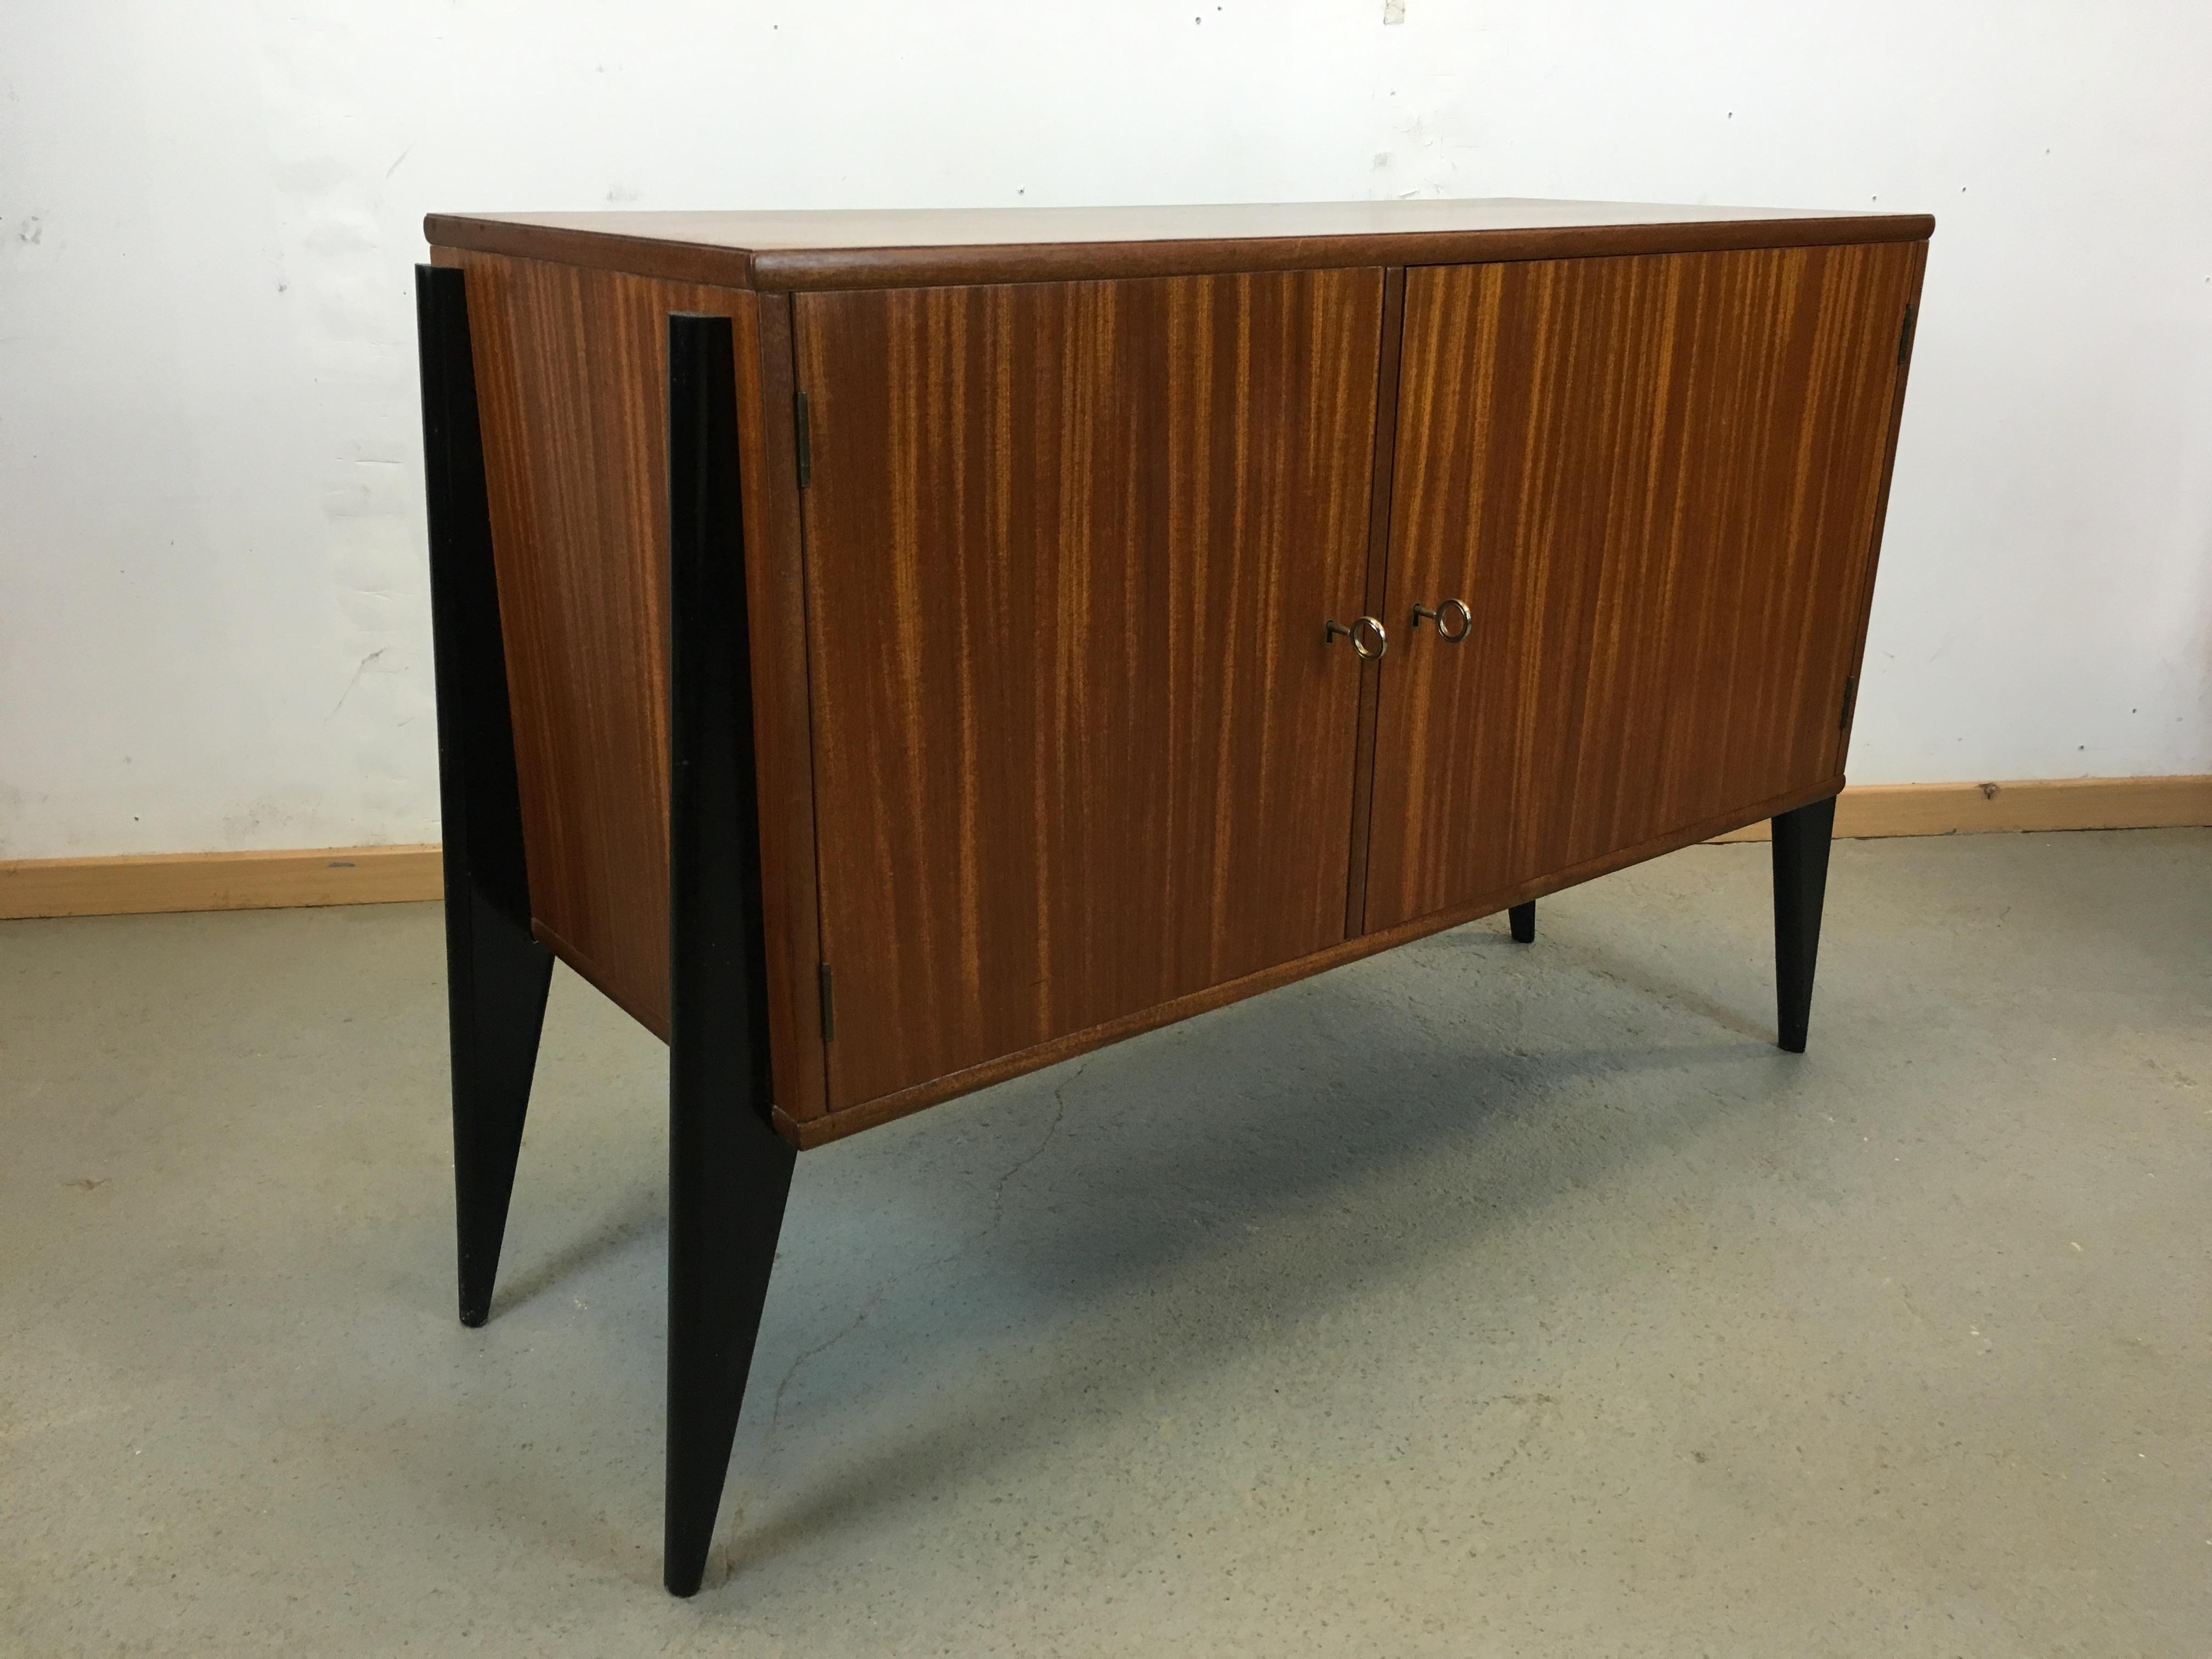 meuble enfilade bahut design année 60 | - Meuble Enfilade Design